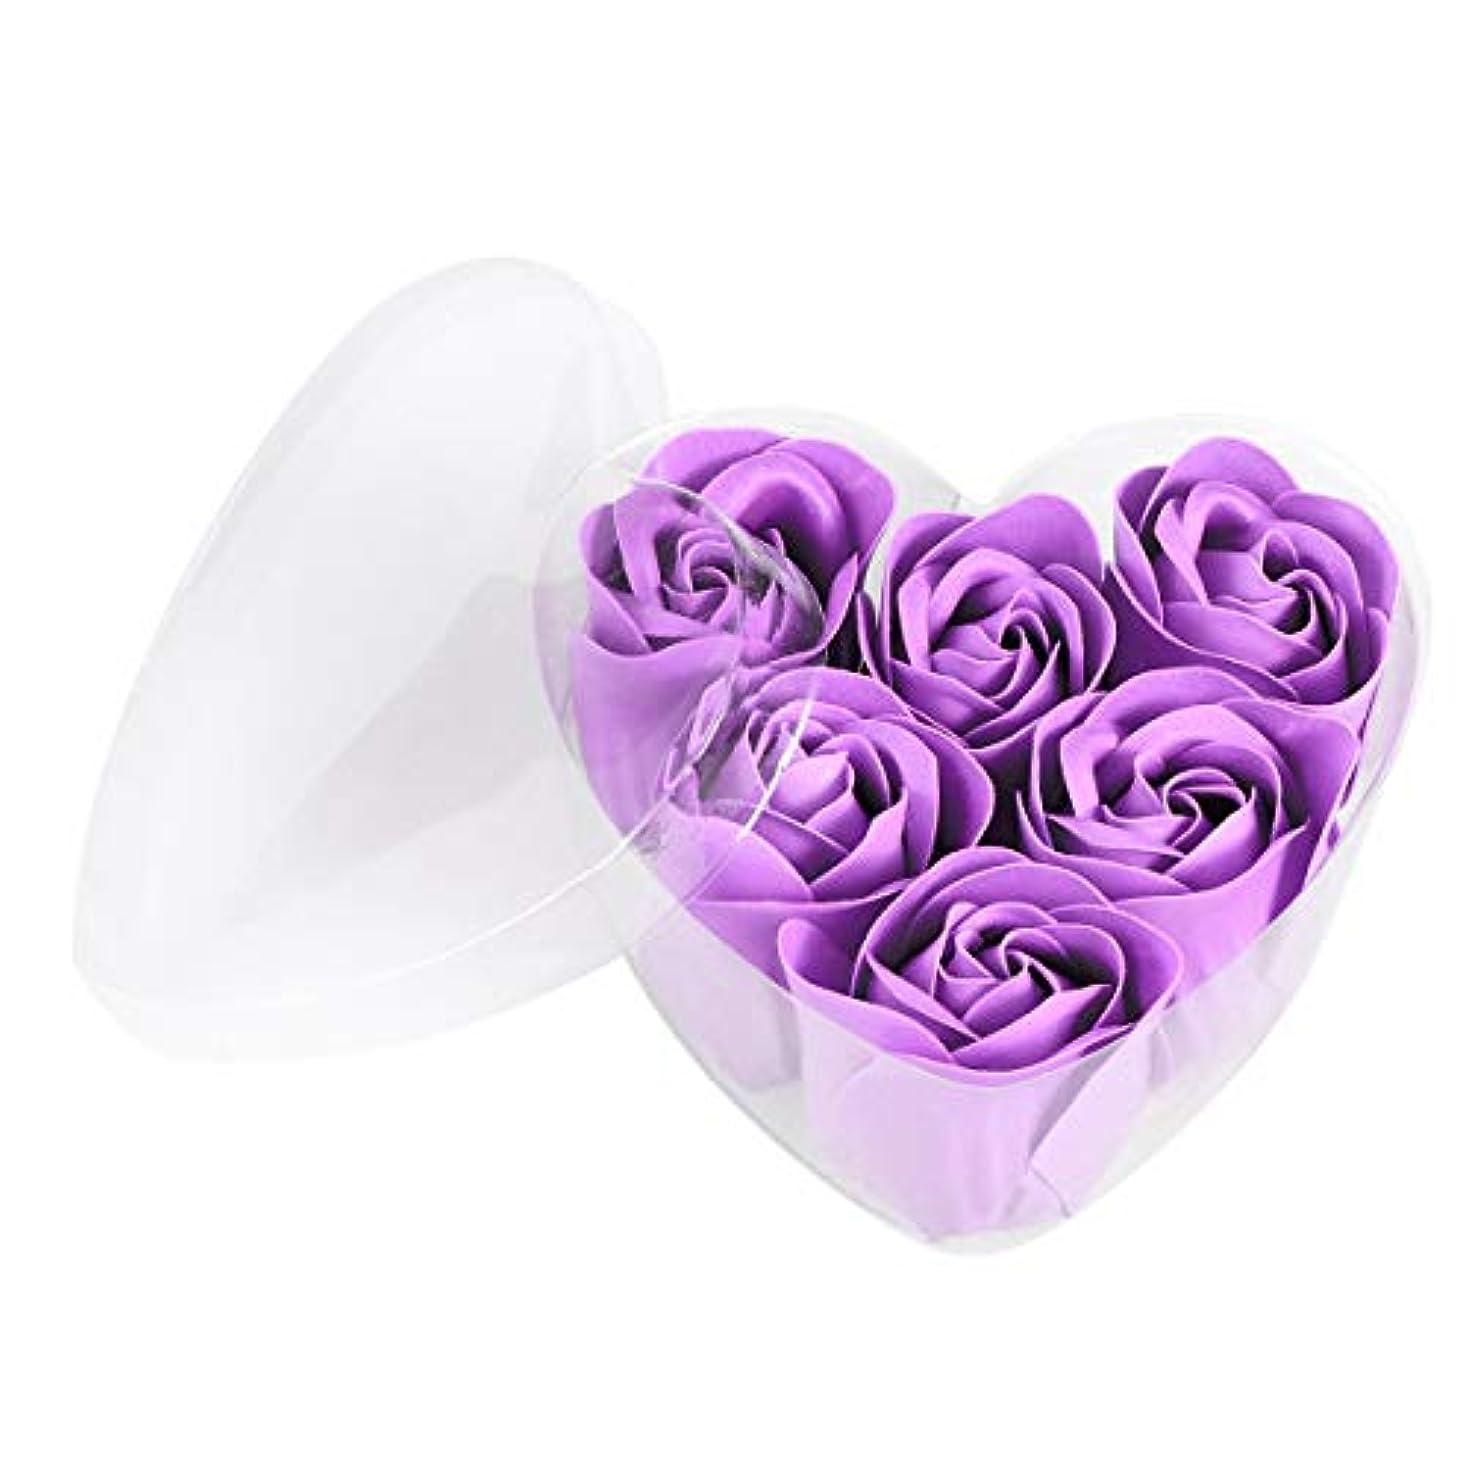 枕表向き優雅なBeaupretty 6本シミュレーションローズソープハート型フラワーソープギフトボックス結婚式の誕生日Valentin's Day(紫)